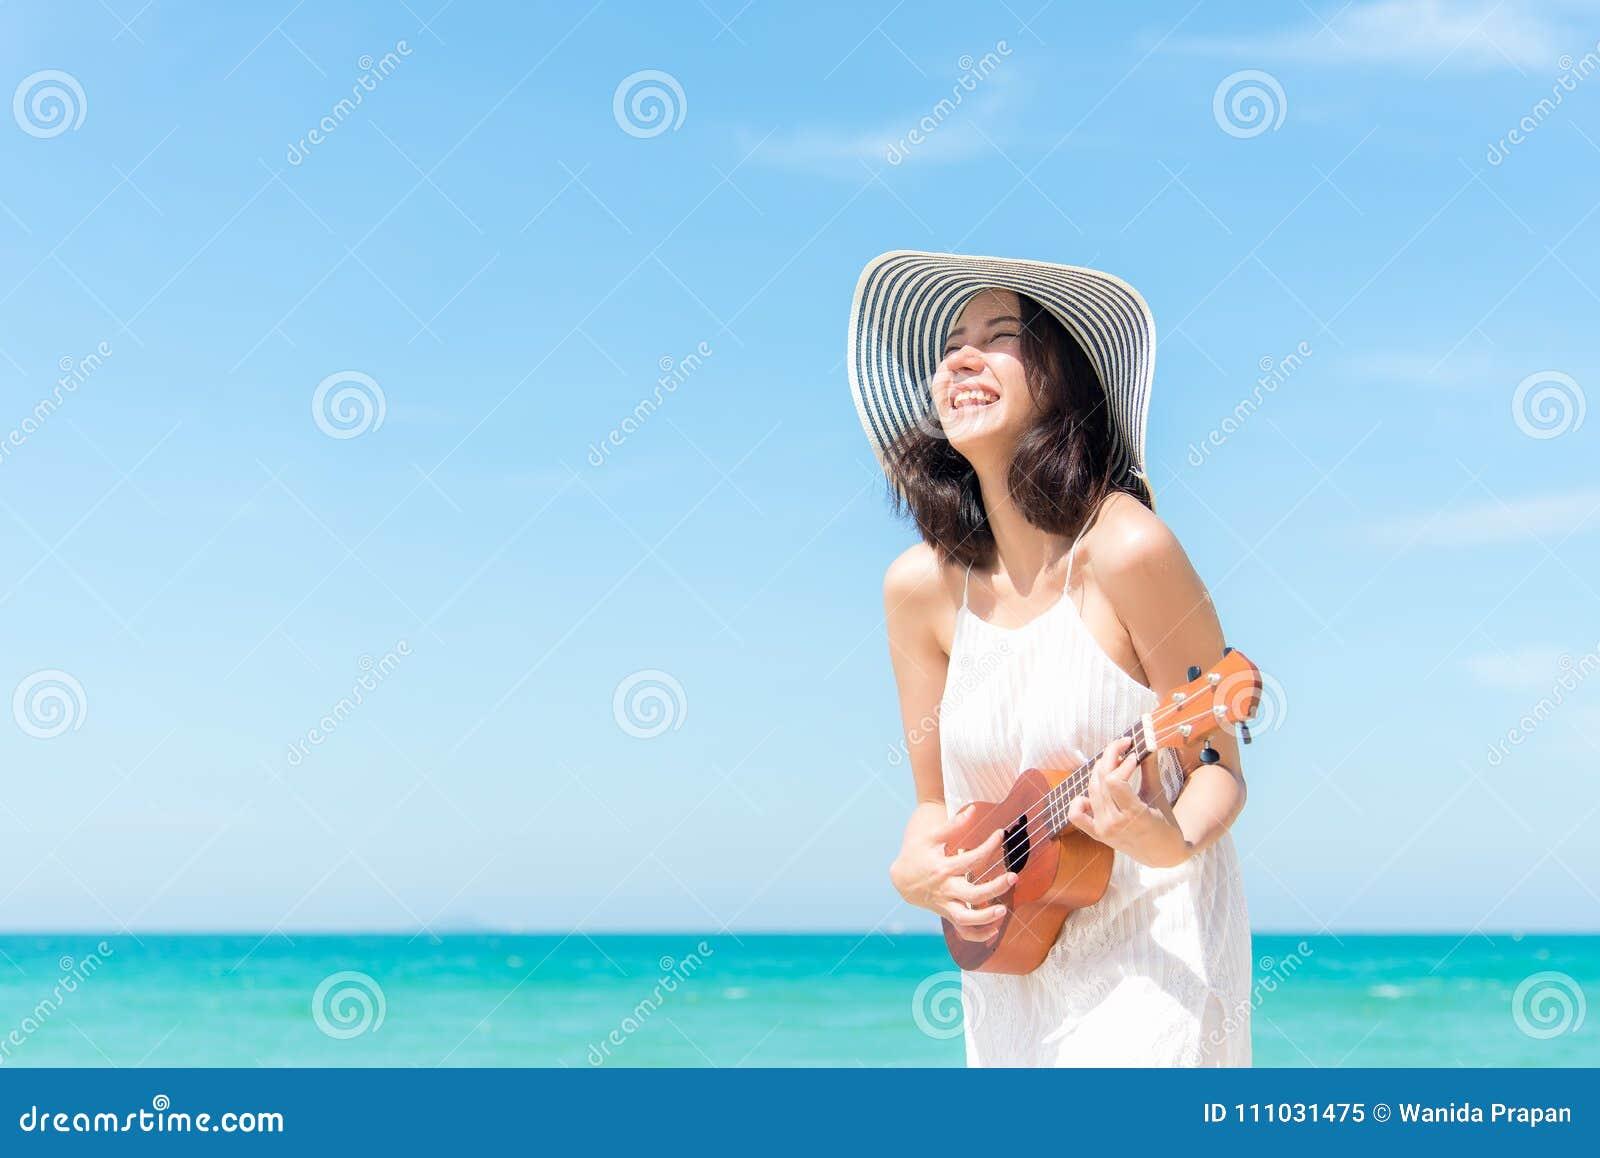 Katya lata terytorium krasnodar wakacje Wąchający azjatykcie kobiety relaksuje ukulele na plaży i bawić się, w ten sposób luksuso